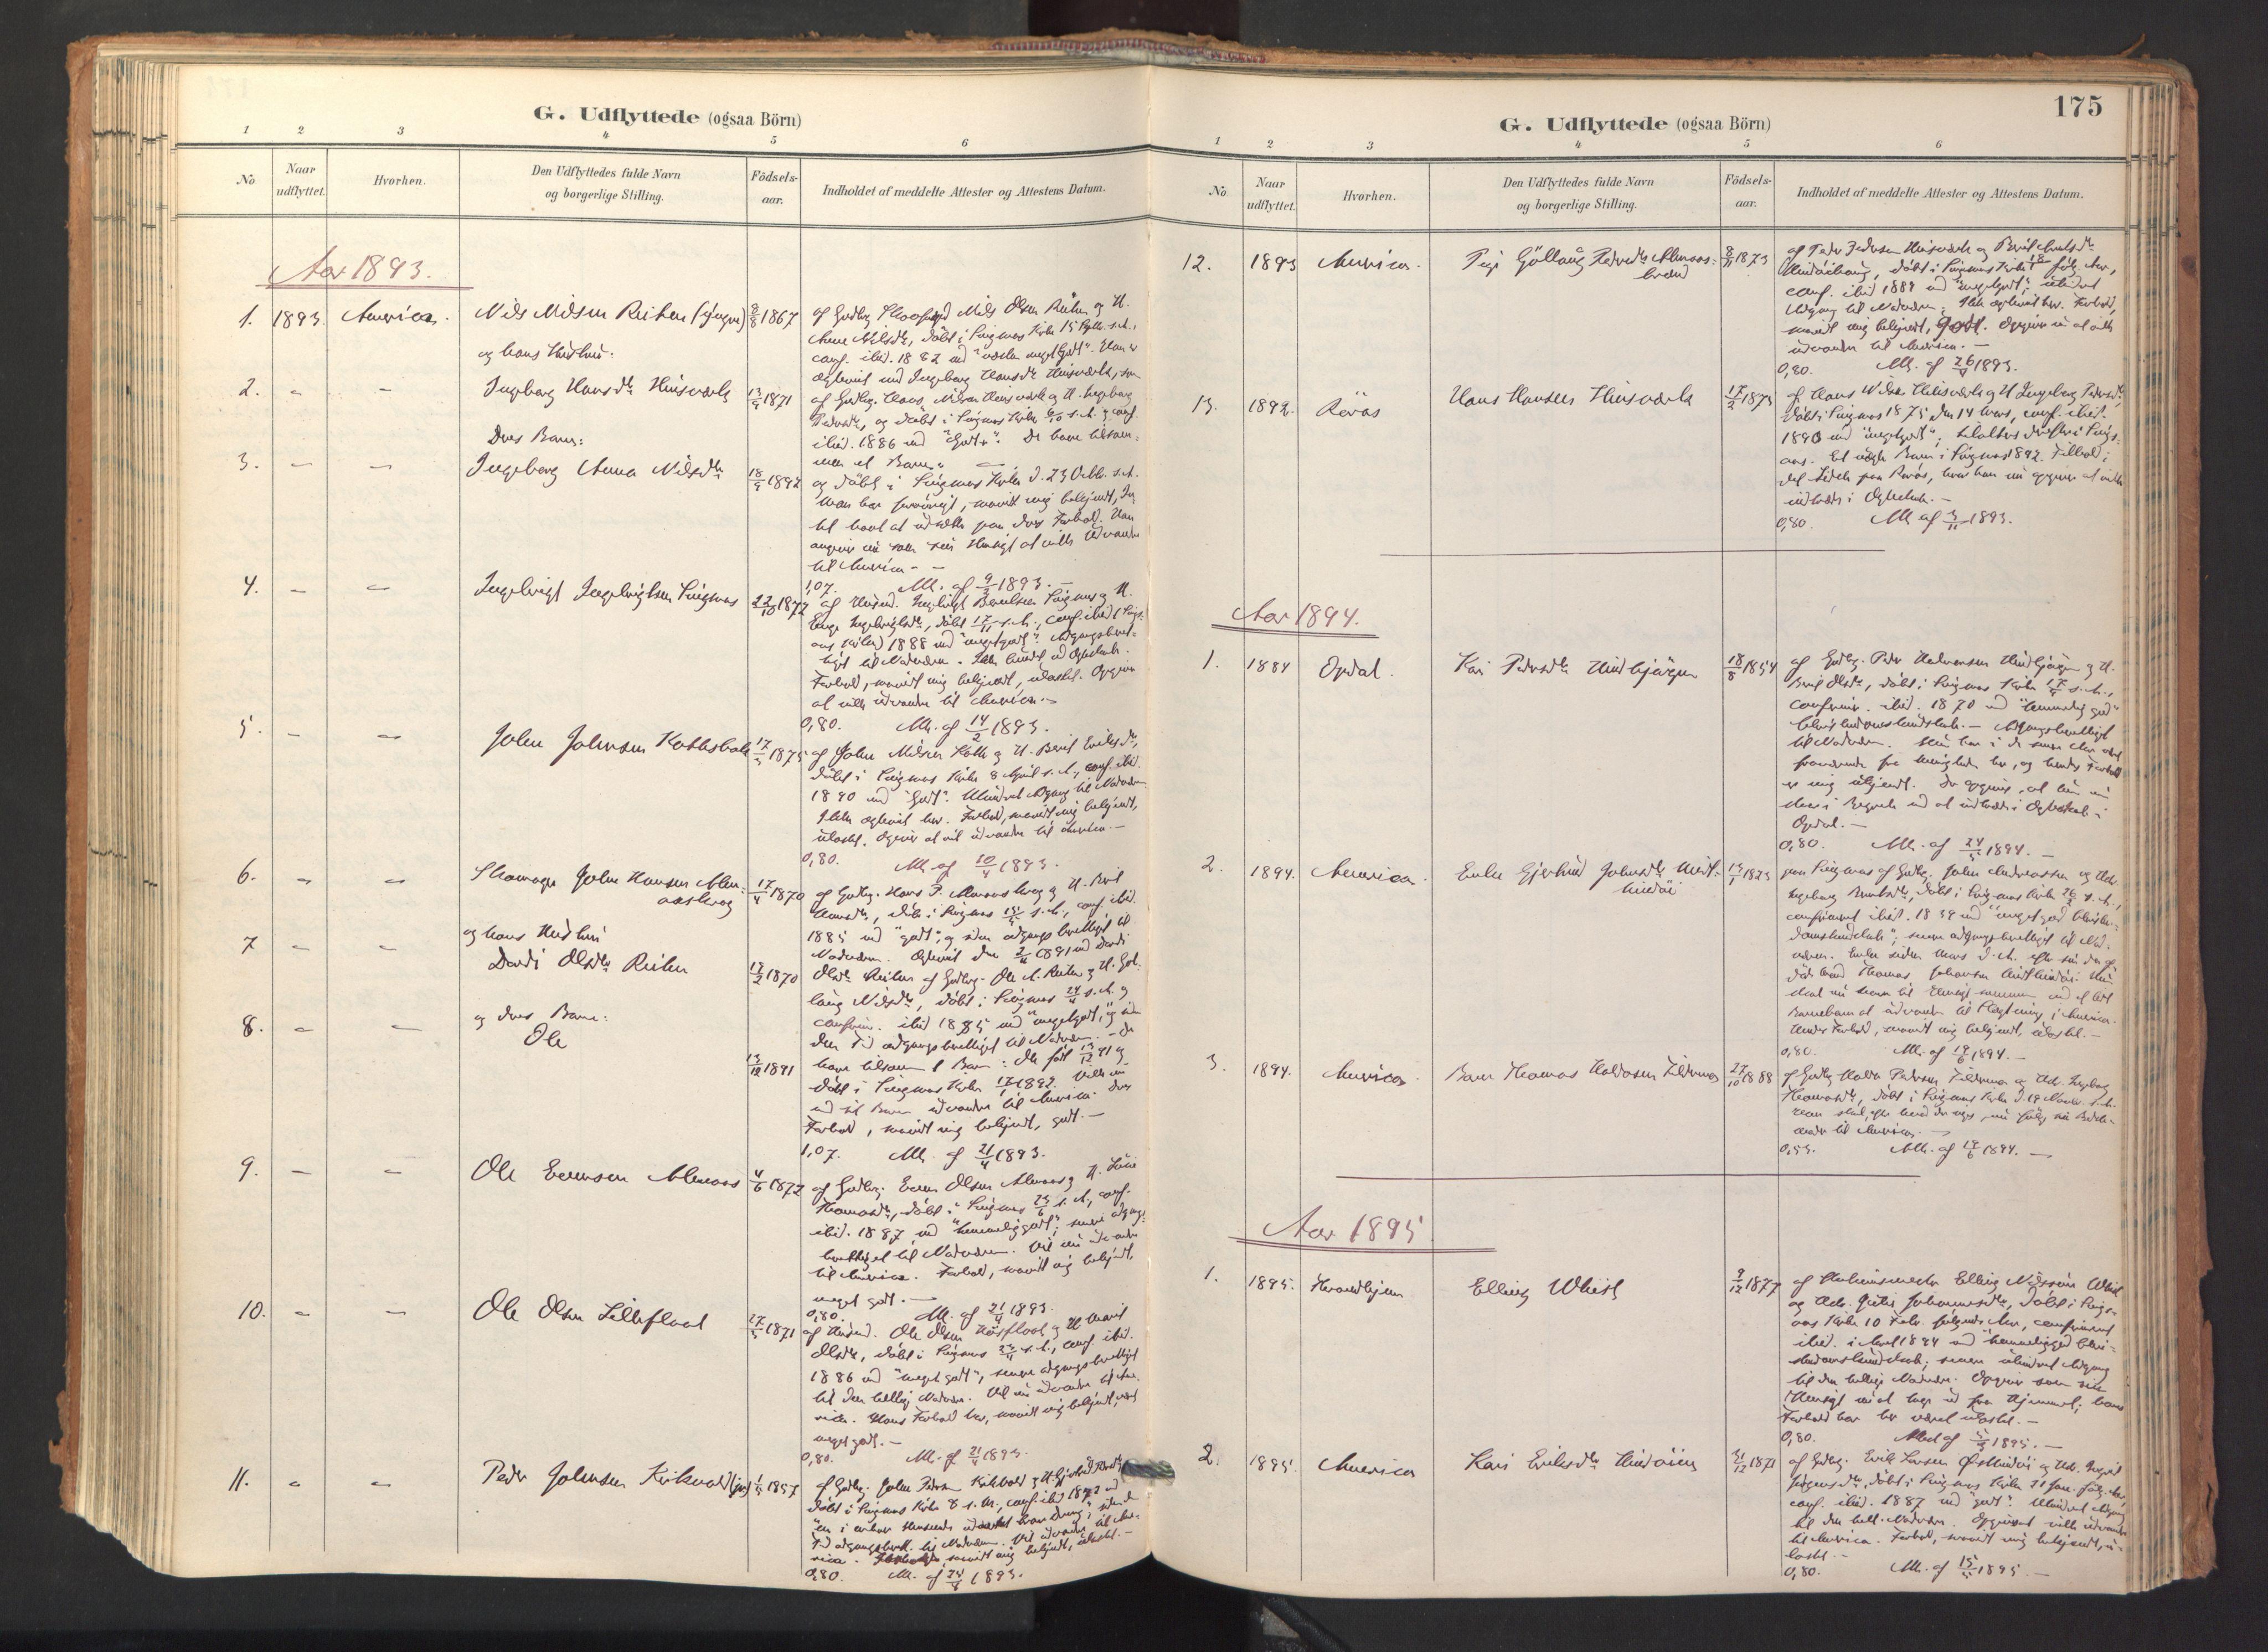 SAT, Ministerialprotokoller, klokkerbøker og fødselsregistre - Sør-Trøndelag, 688/L1025: Ministerialbok nr. 688A02, 1891-1909, s. 175